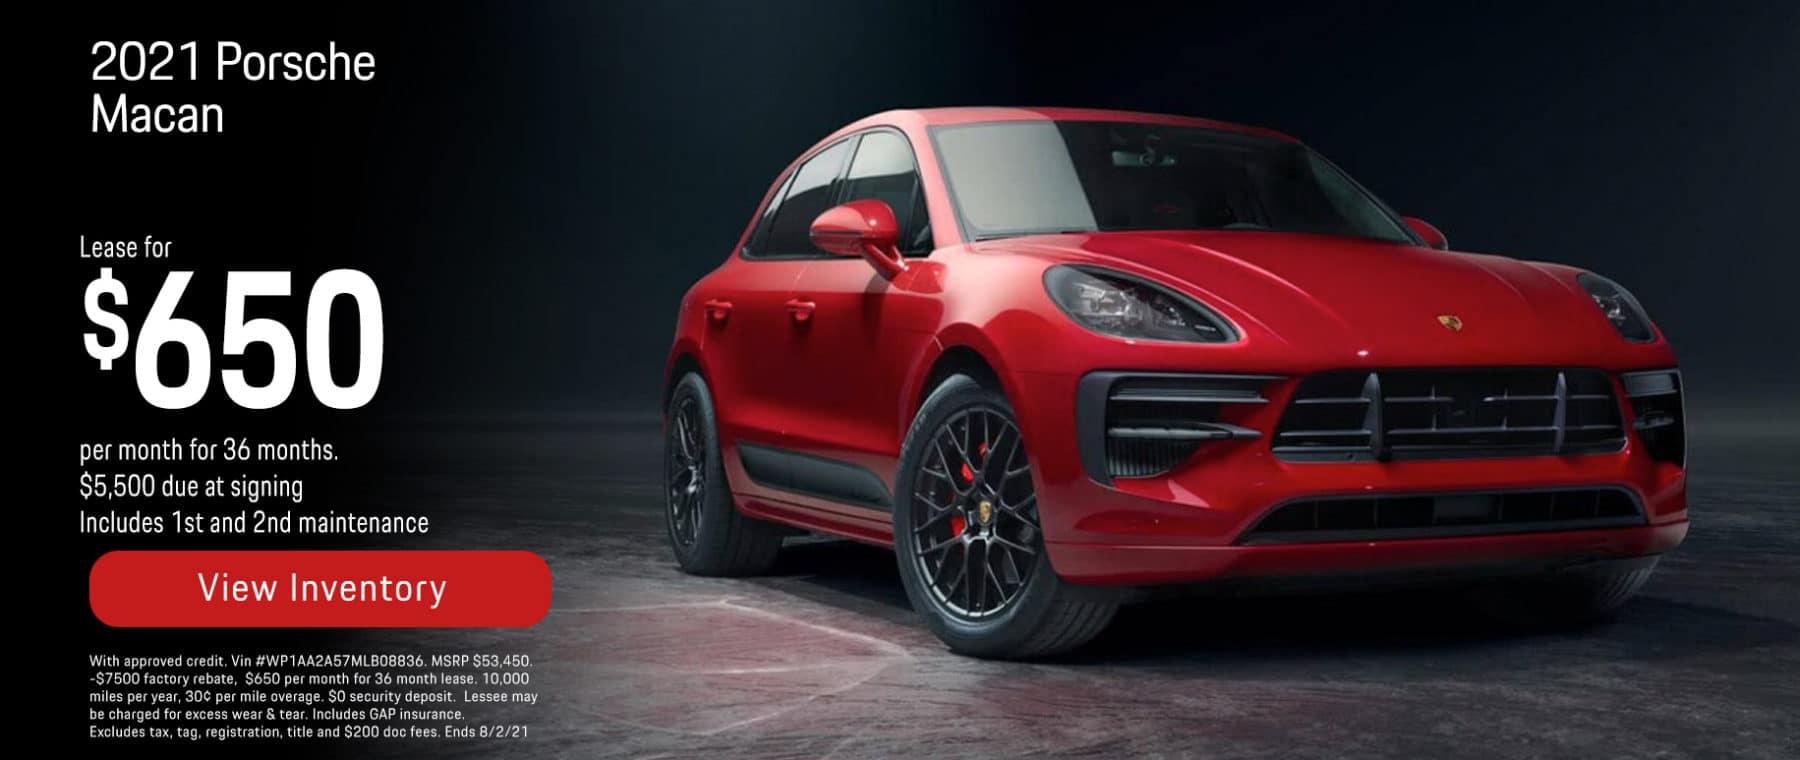 Porsche of New Orleans Macan